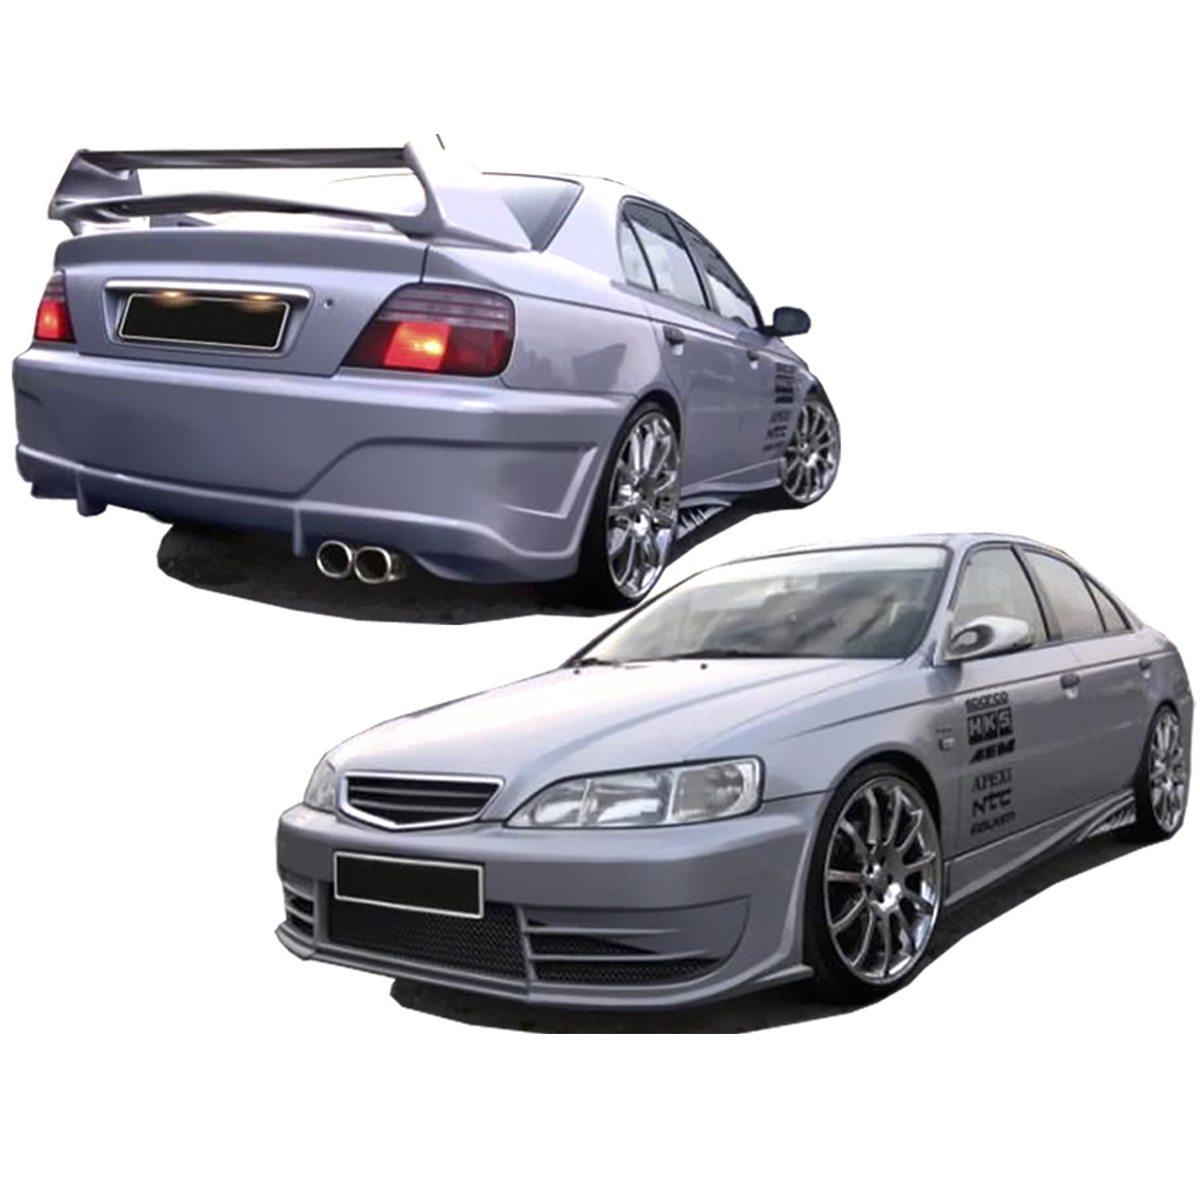 Honda-Accord-98-03-KIT-KTS043